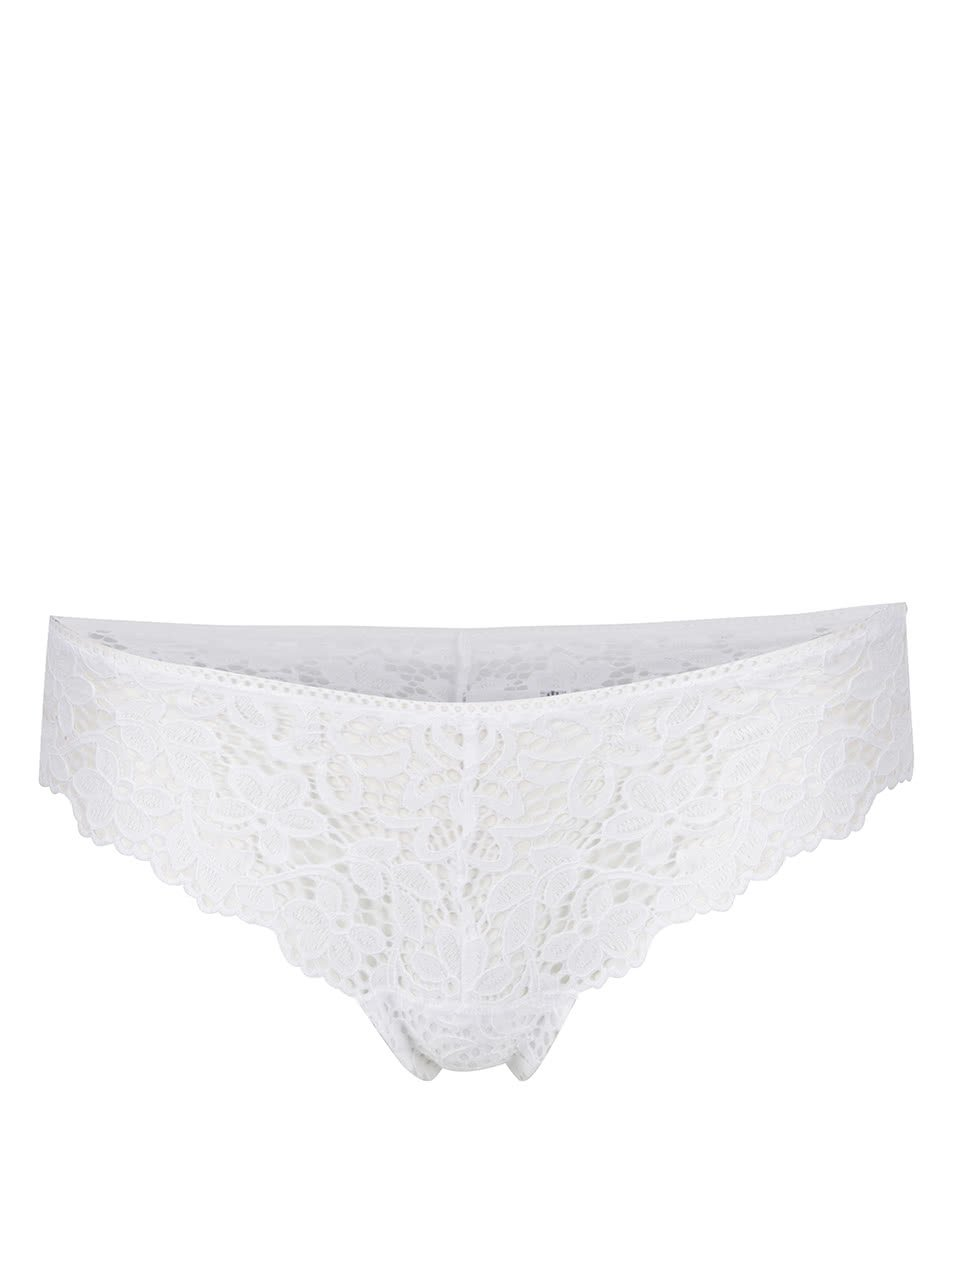 Bílá krajková tanga DKNY